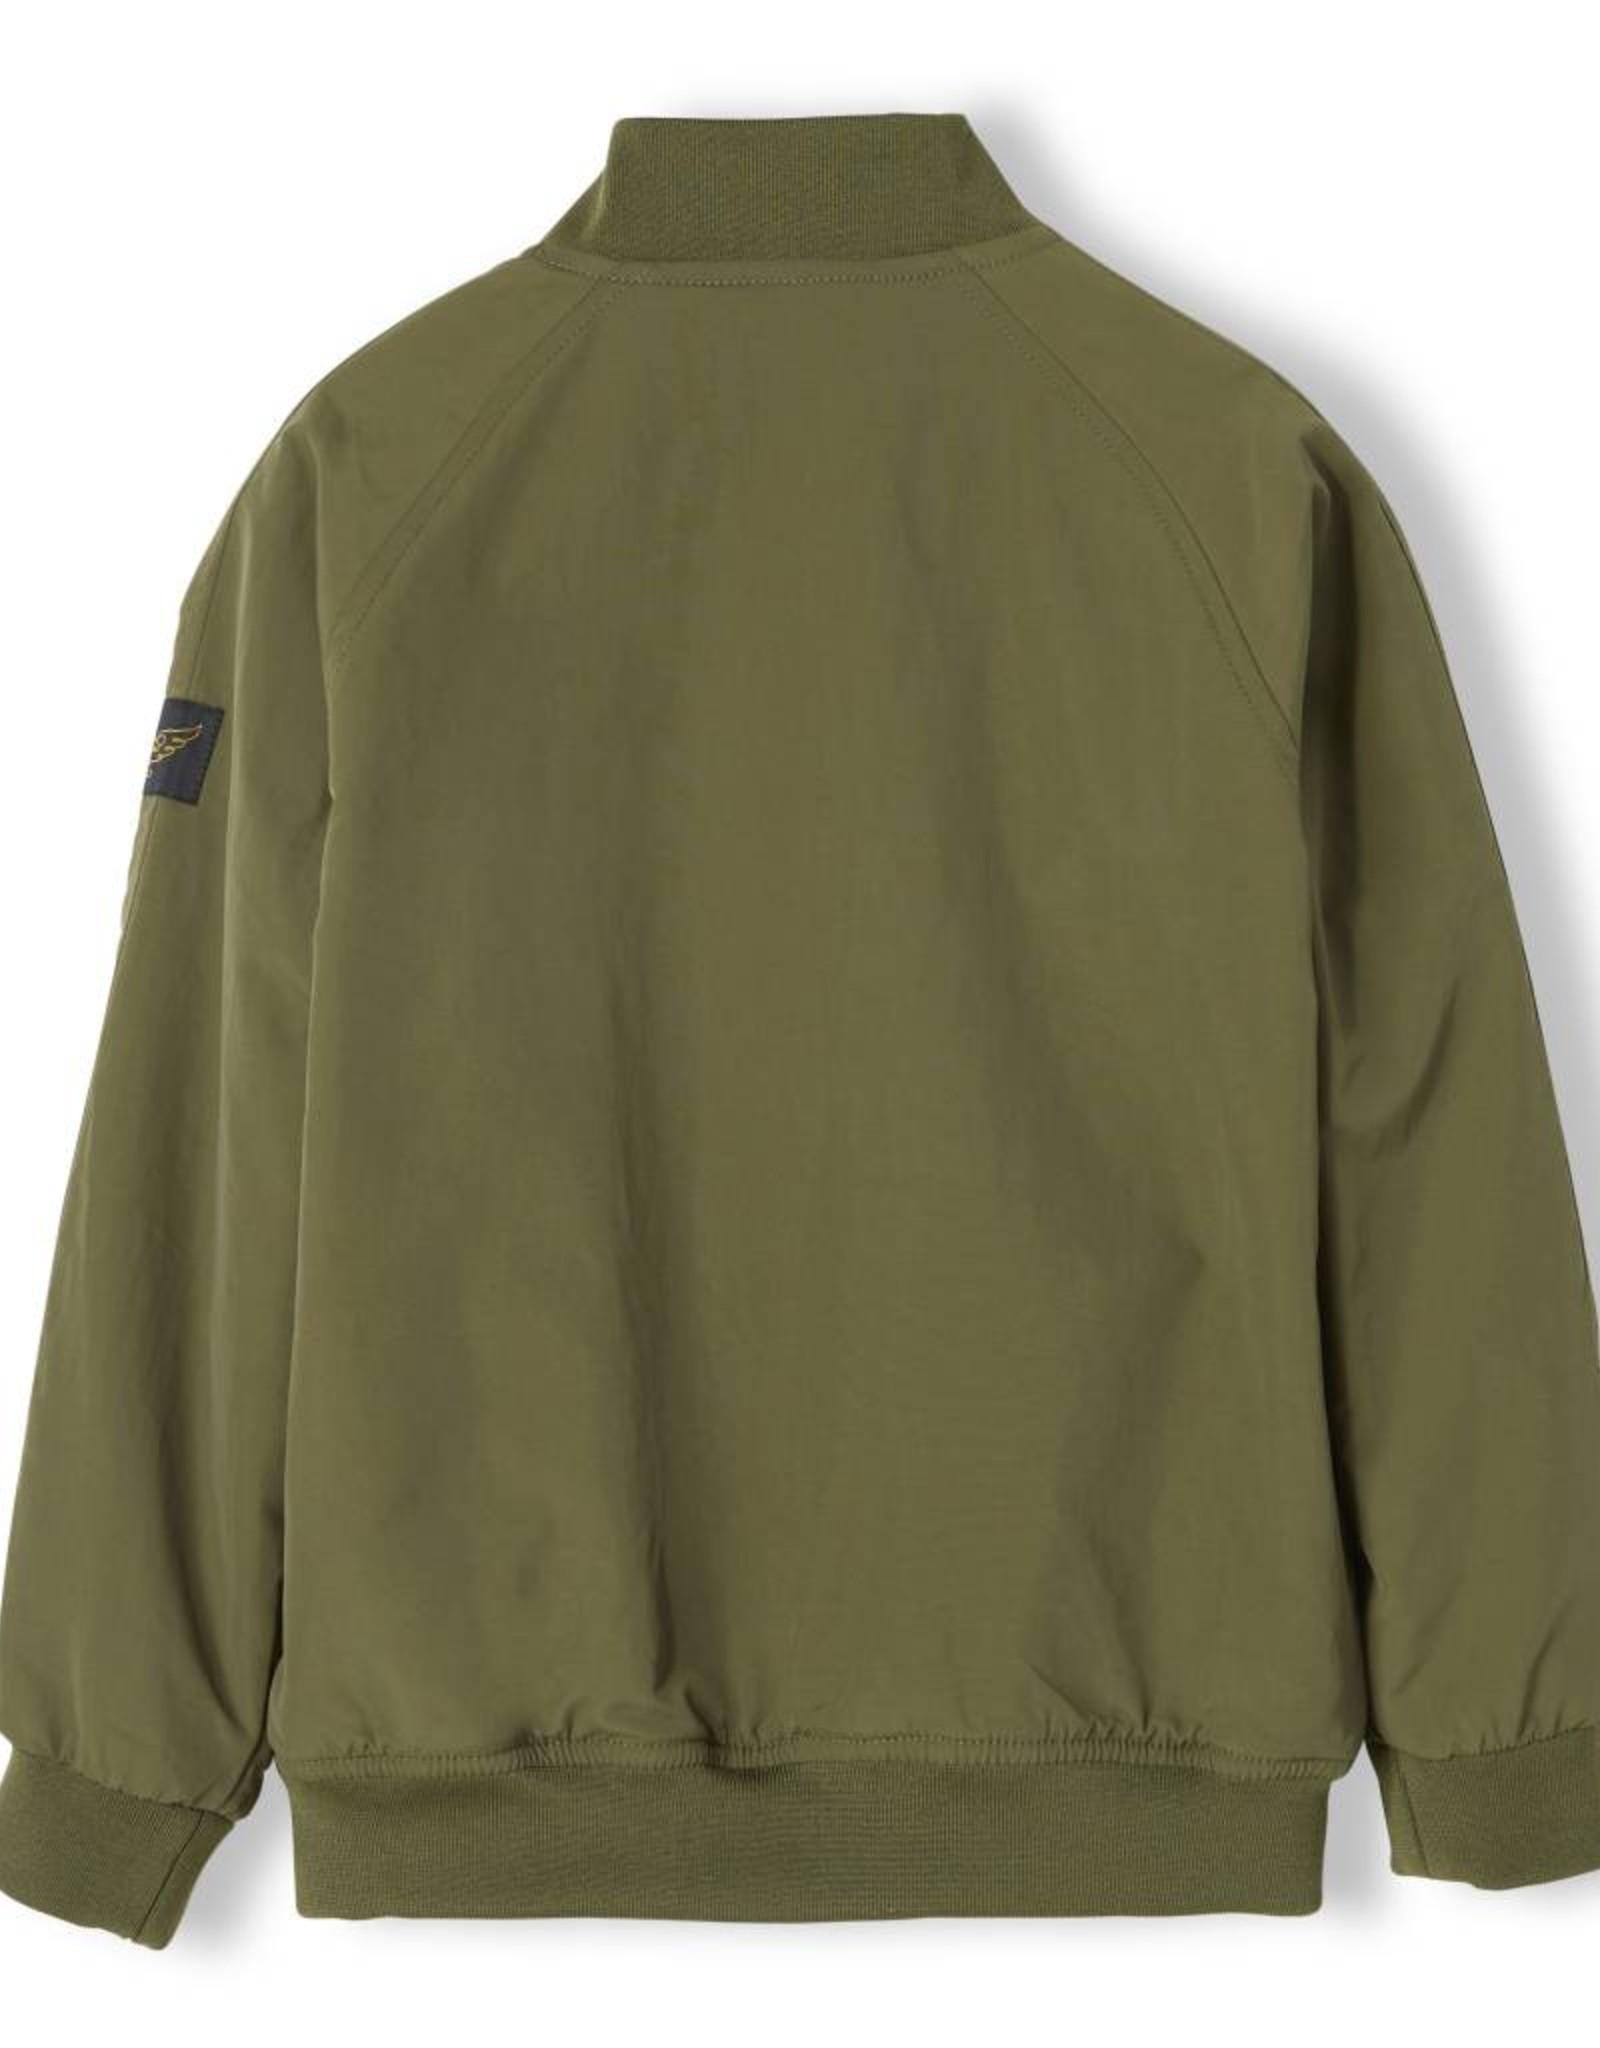 Pretender jacket